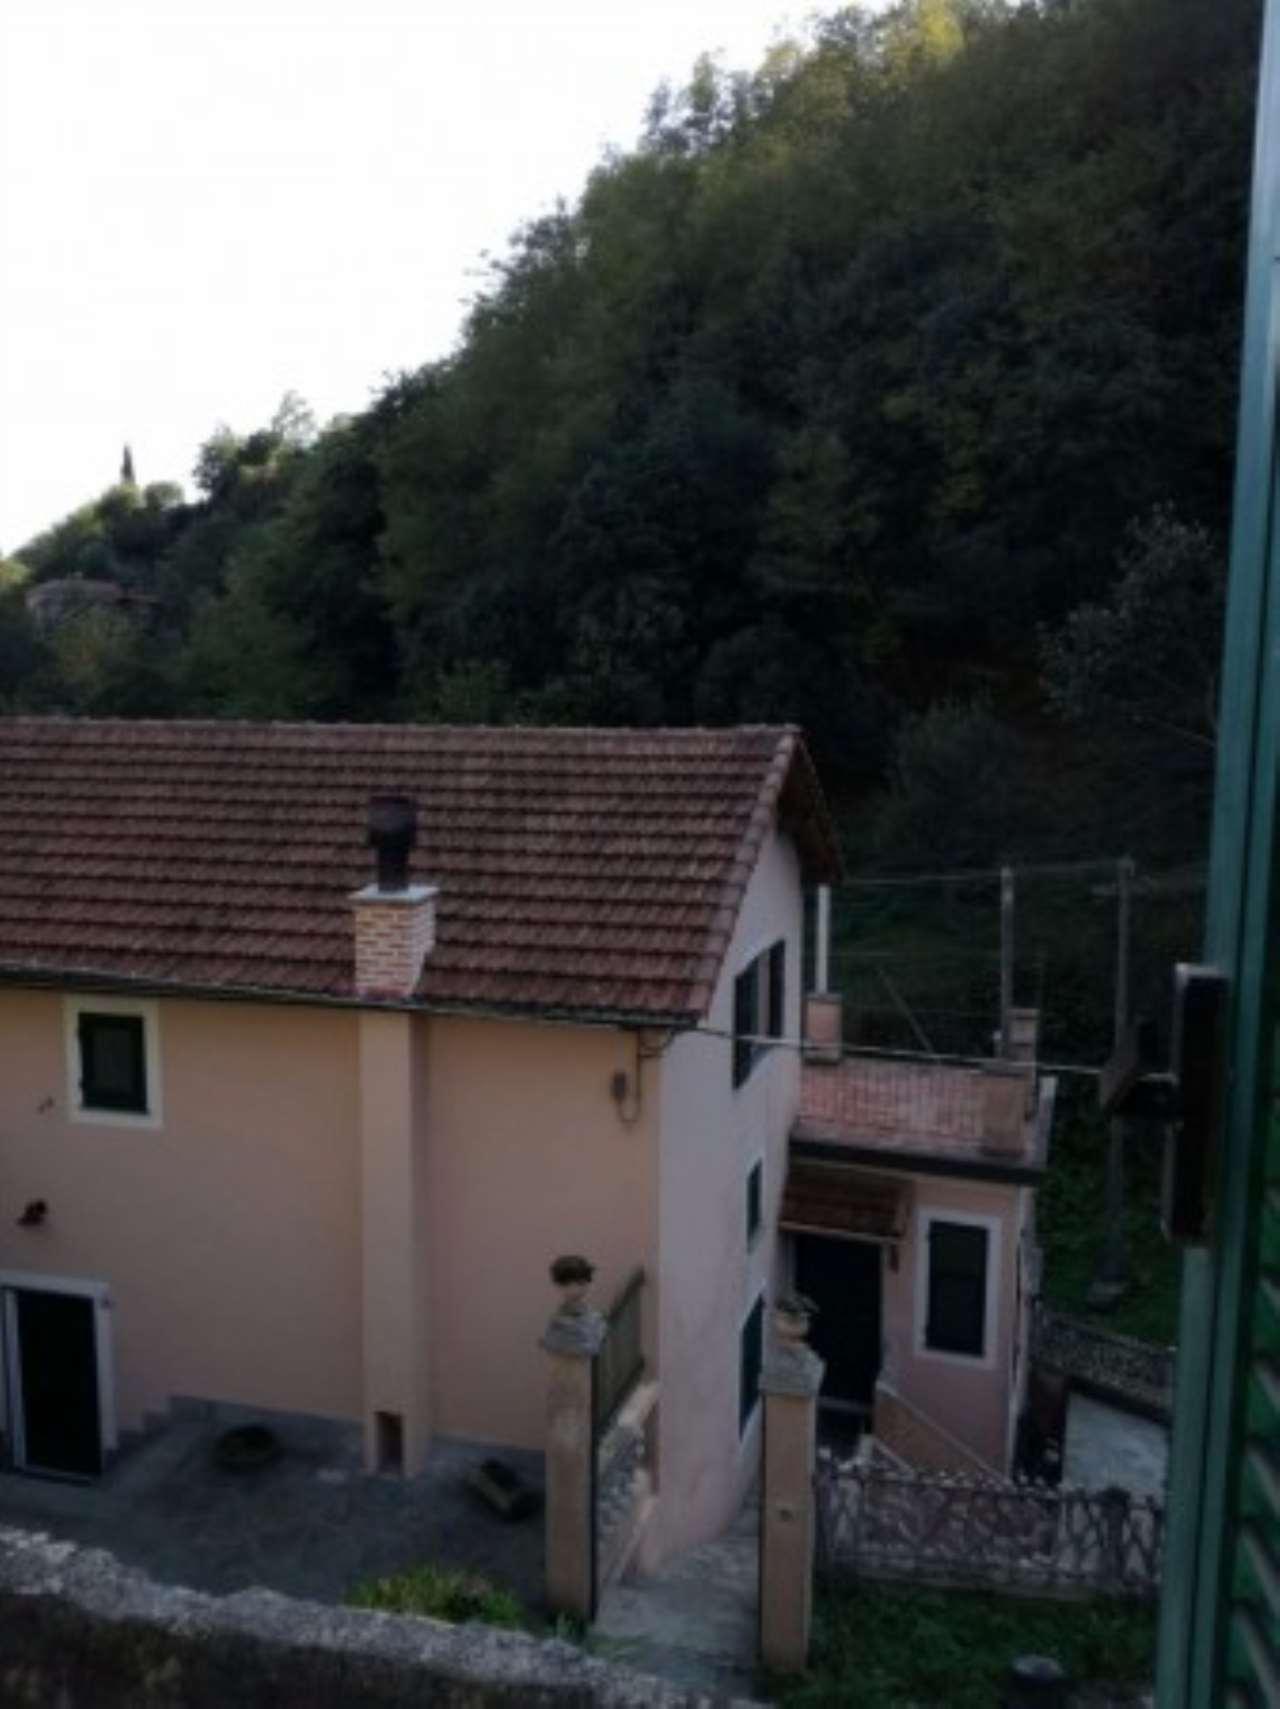 Villa in vendita a Genova, 6 locali, zona Zona: 13 . Sestri Ponente, Medio Ponente, prezzo € 185.000 | CambioCasa.it